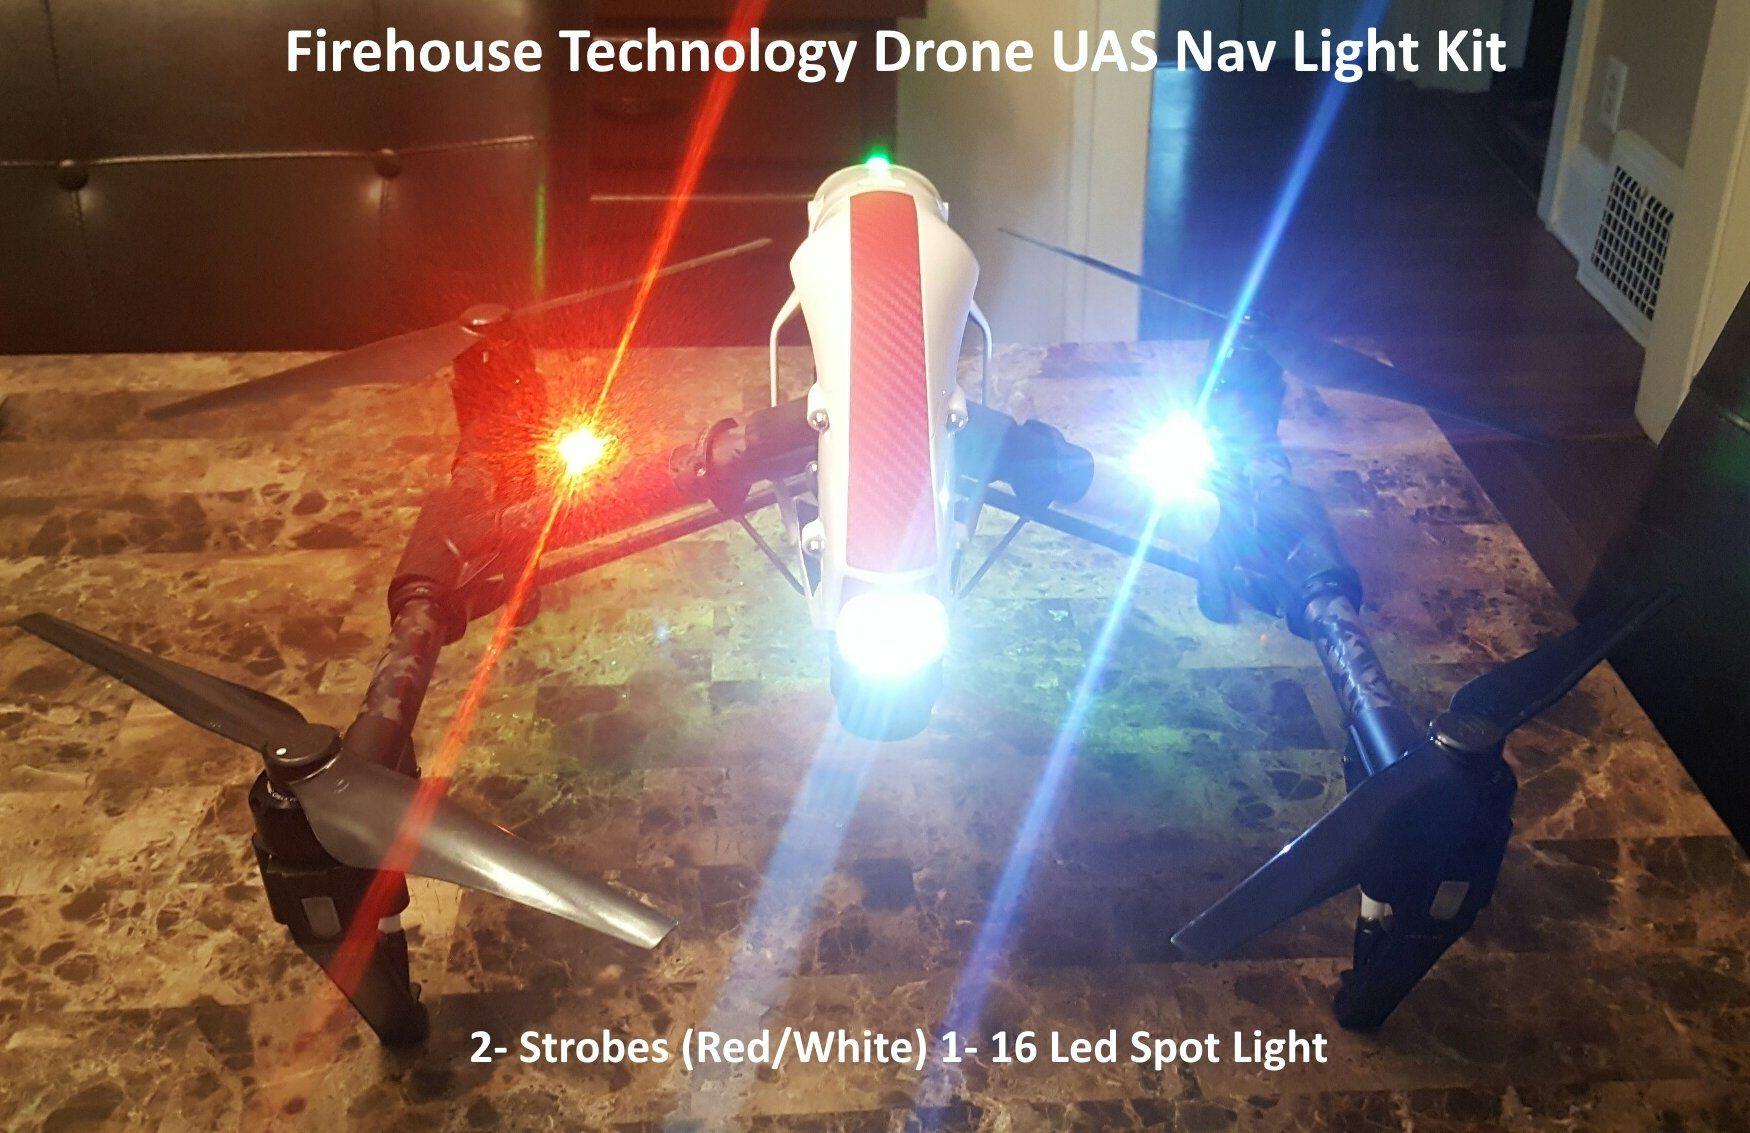 Drone DJI UAS Strobe Light Spotlight Kit Drone Quadcopter ...